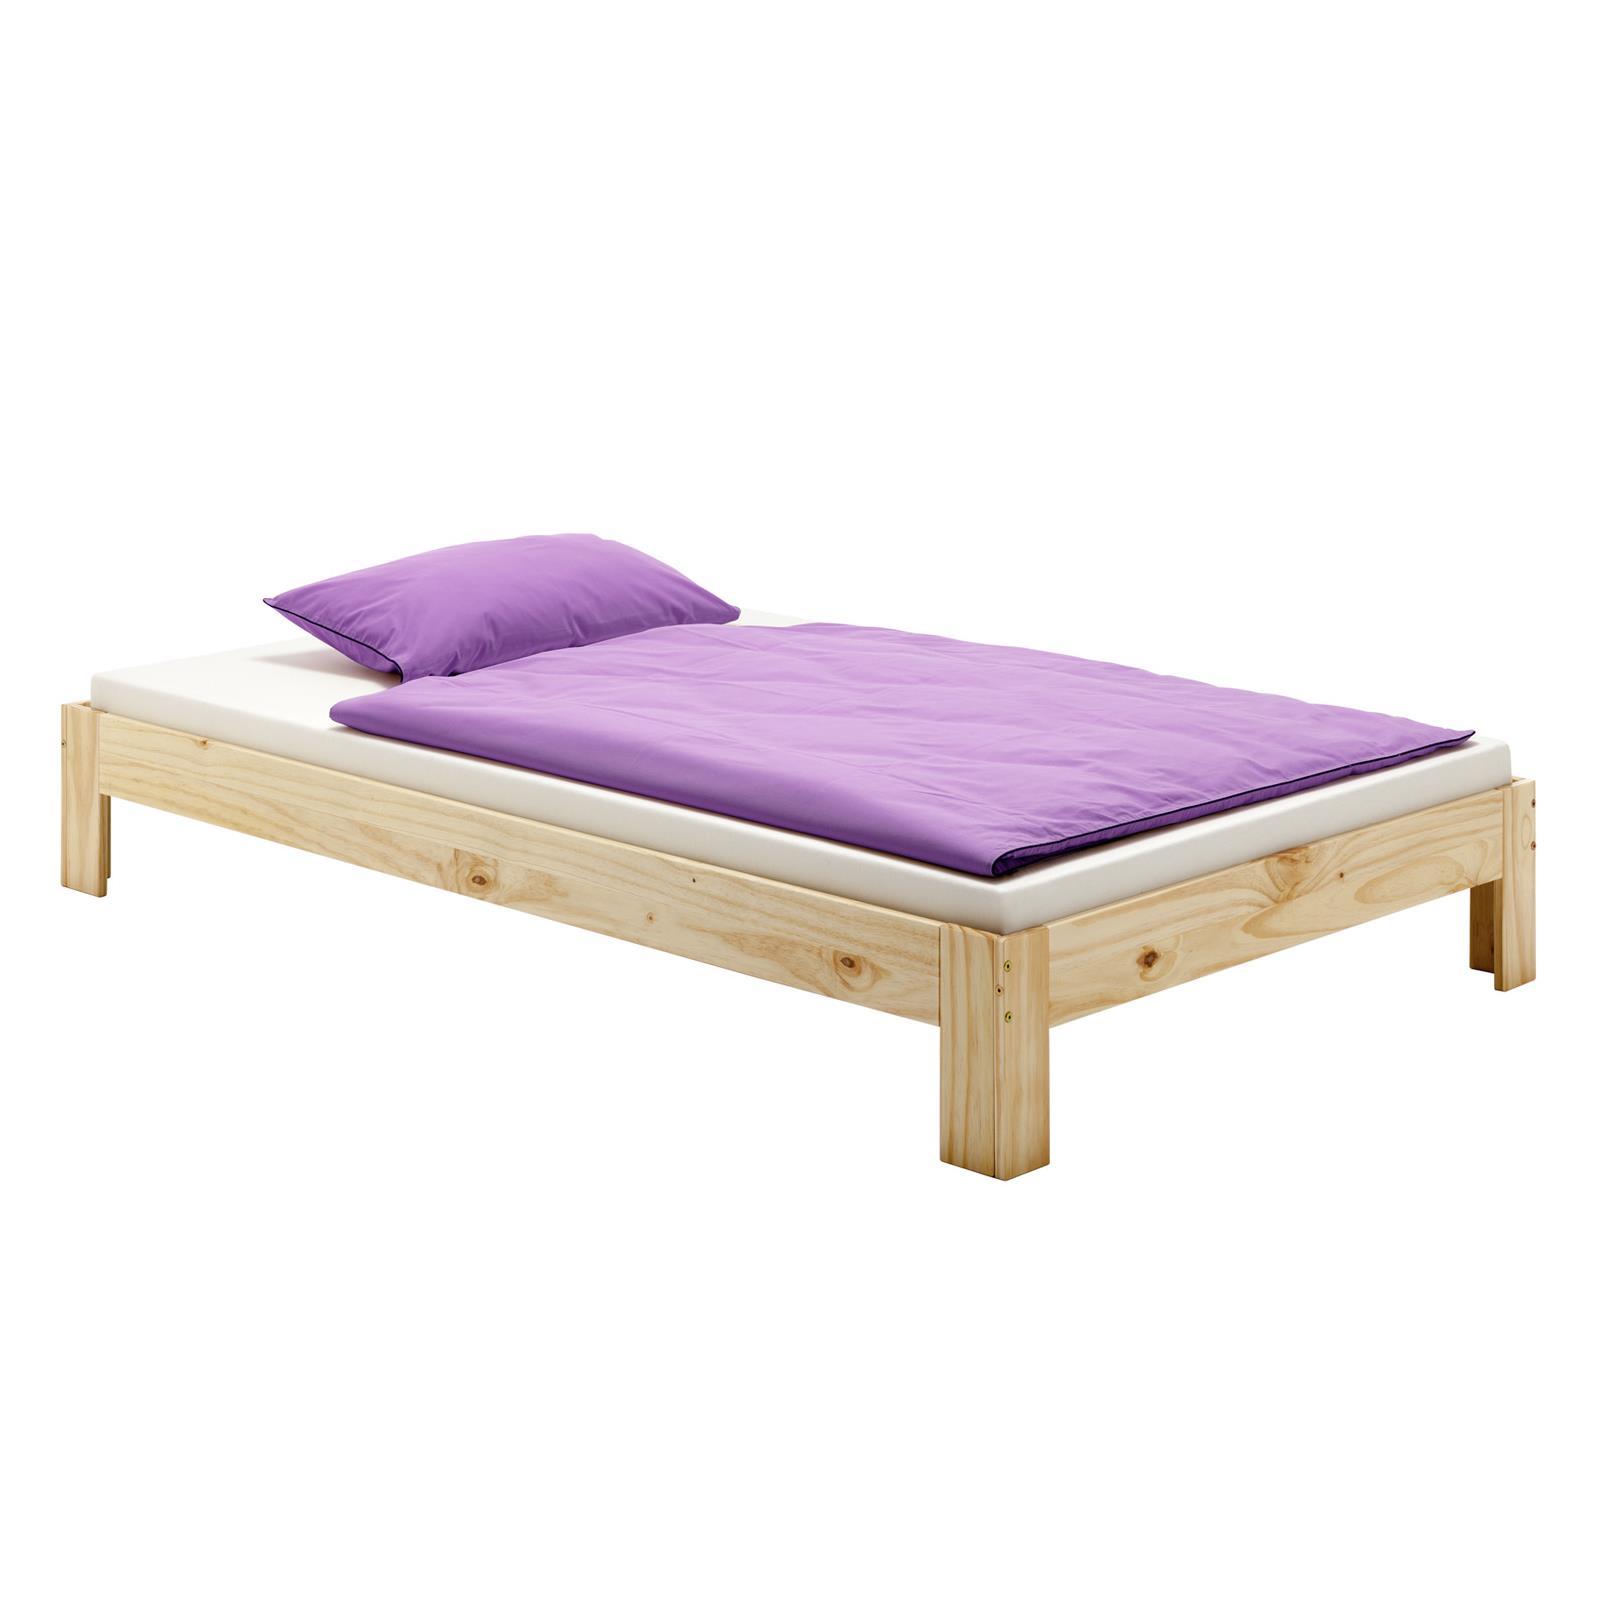 futonbett thomas 140 x 200 cm natur mobilia24. Black Bedroom Furniture Sets. Home Design Ideas